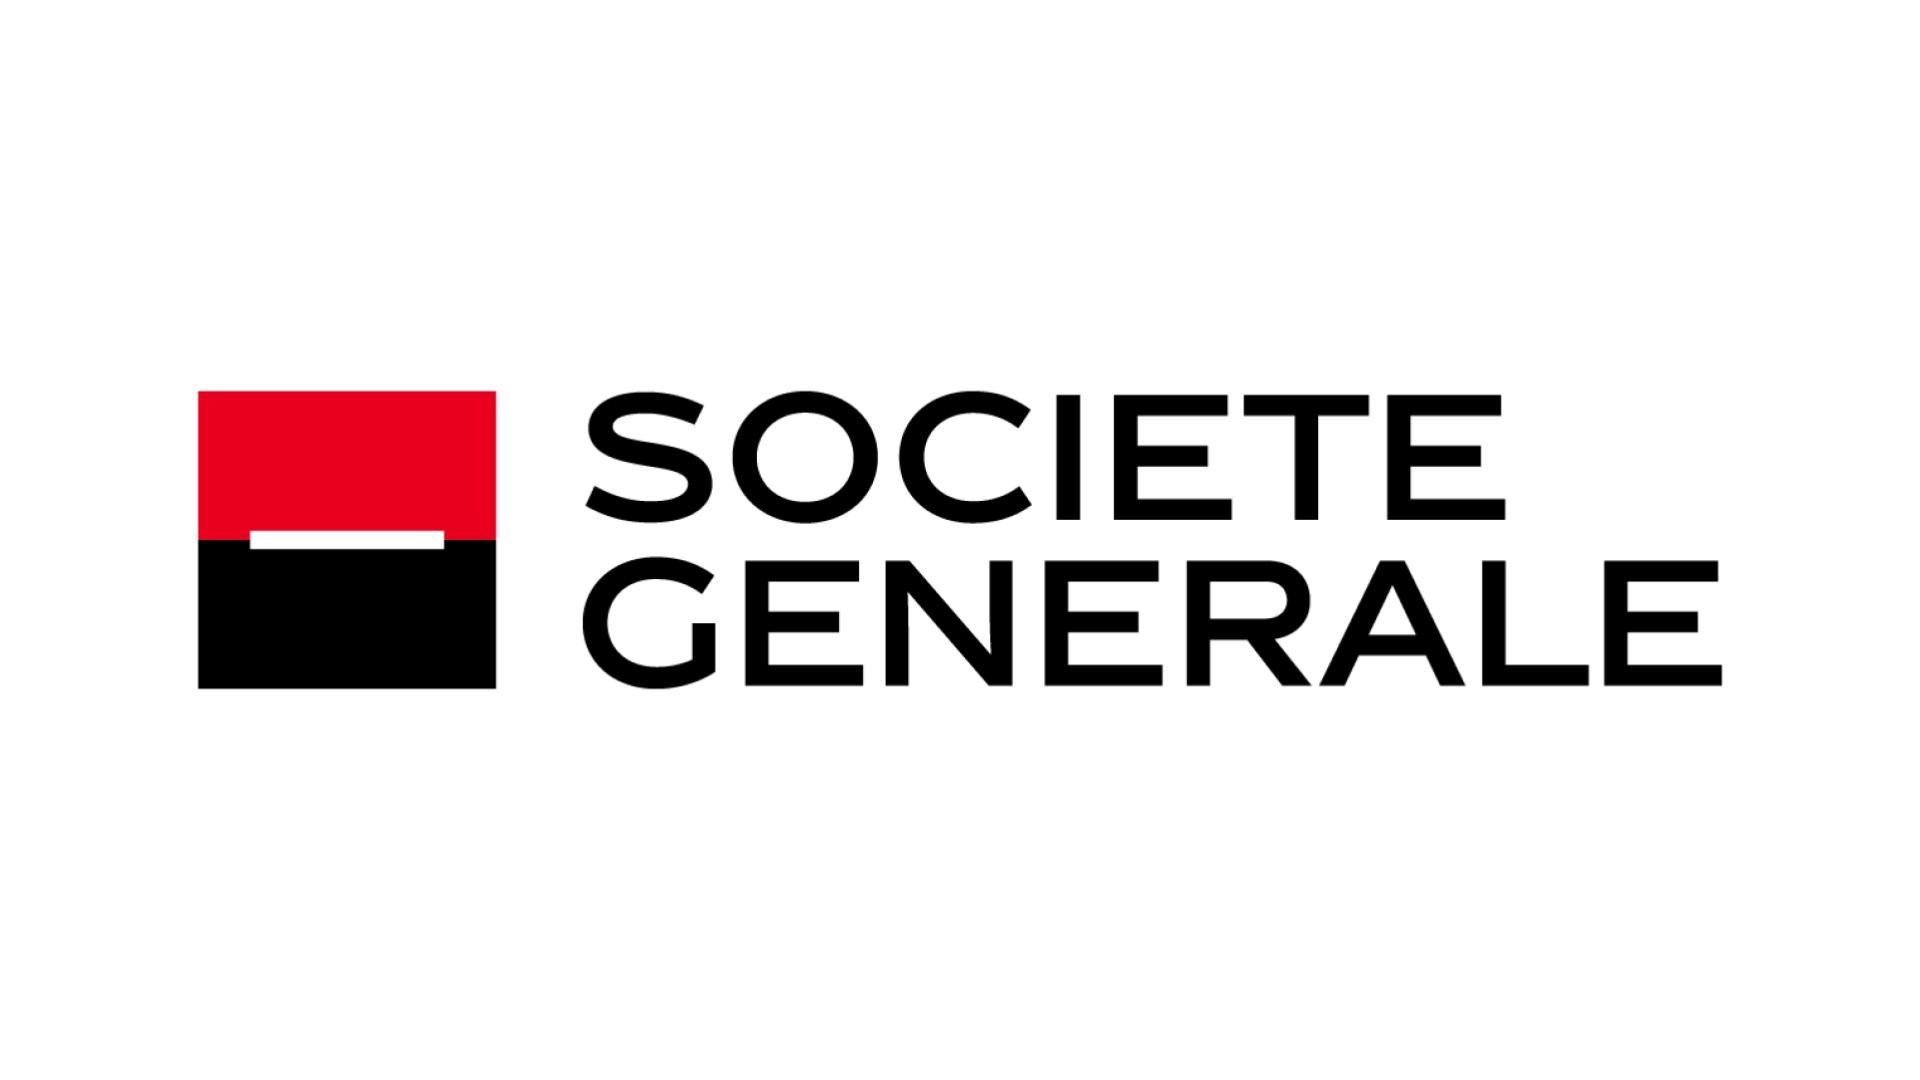 La Société Générale vous prévient par SMS que «votre compte a été verrouillé»? C'est un phishing